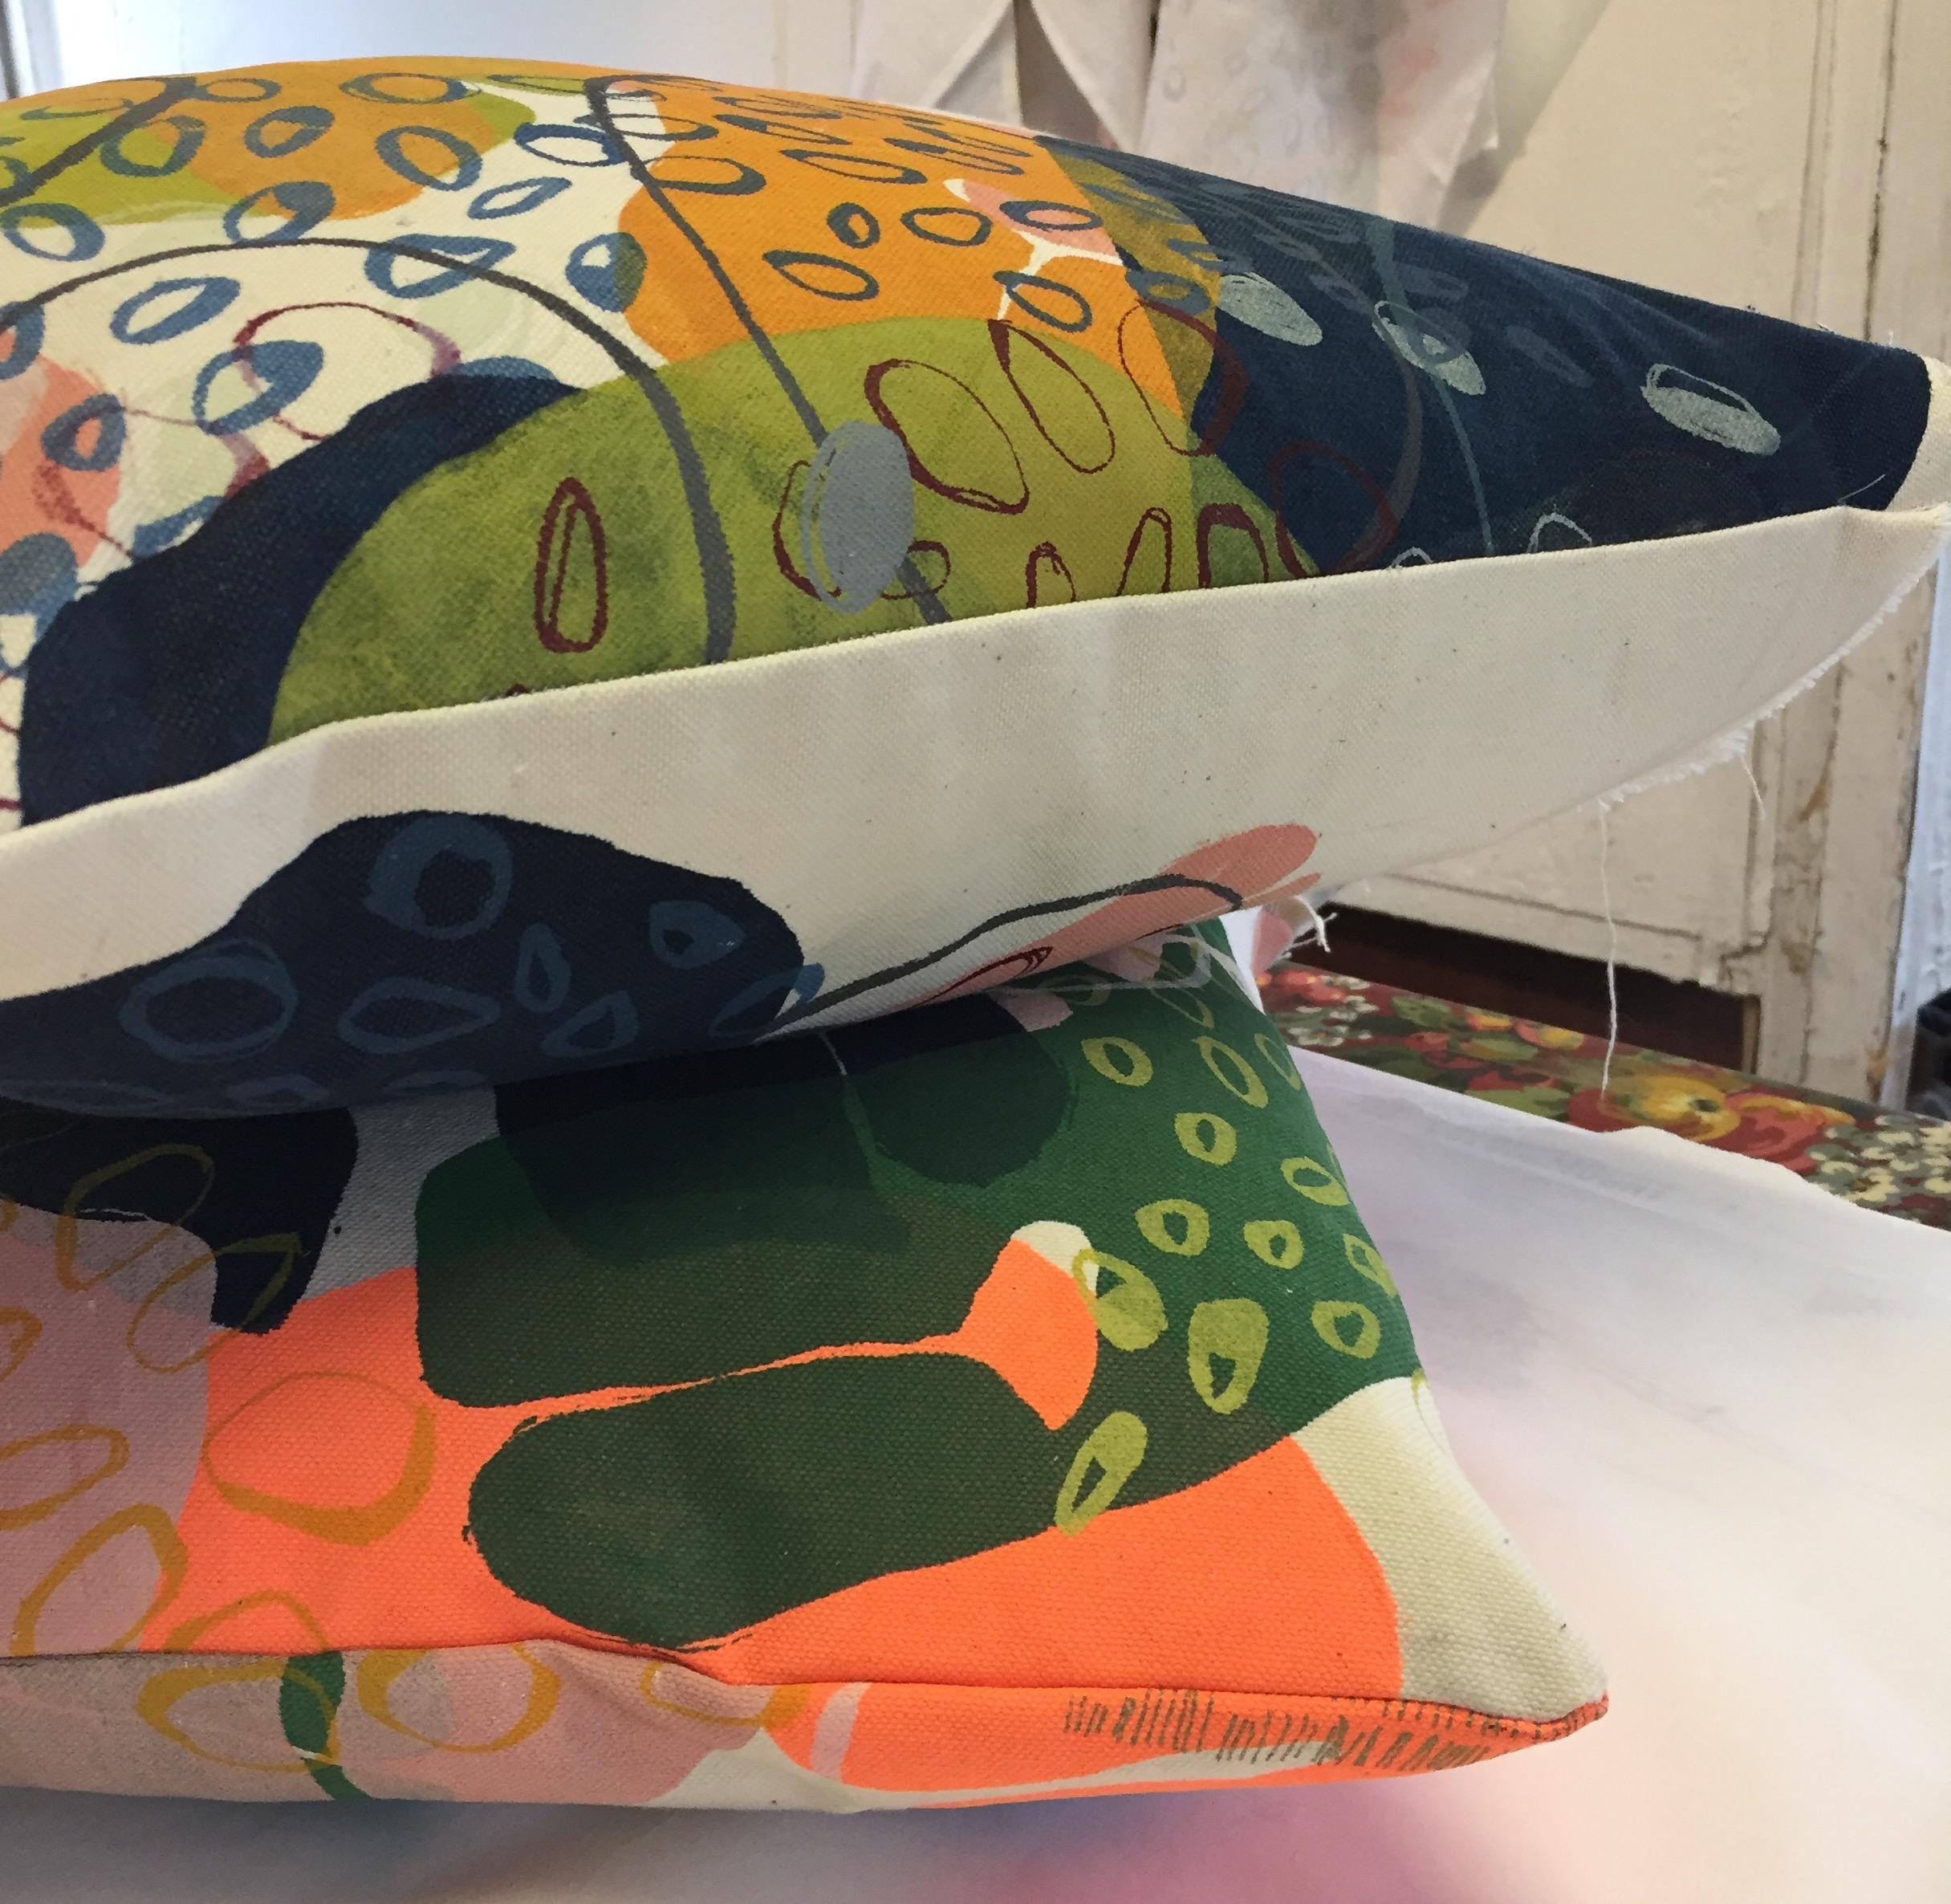 Prototype cushion